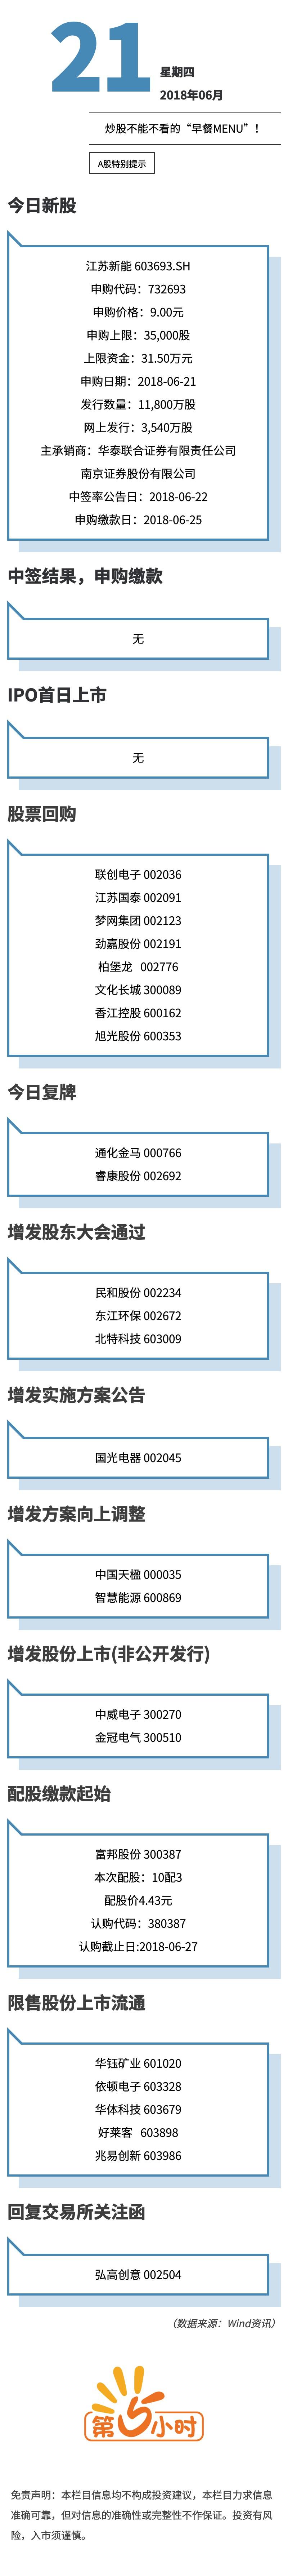 A股特别提示(2018-06-21).jpg